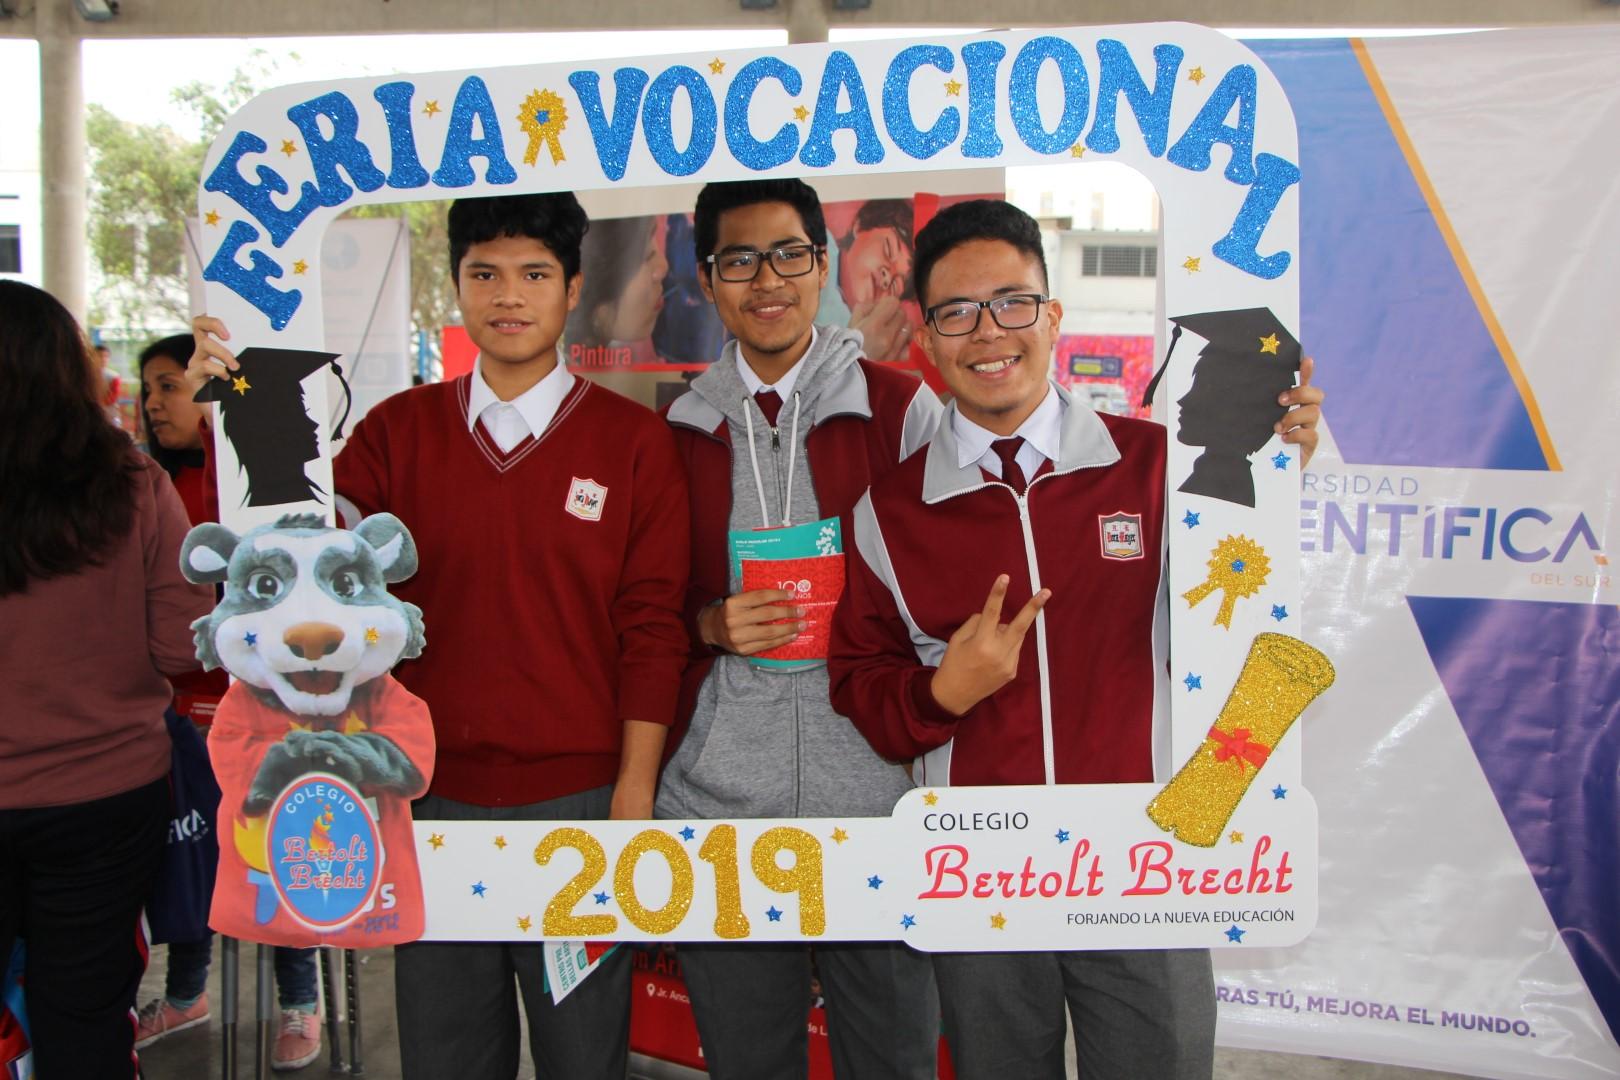 Feria vocacional 2019 (23)